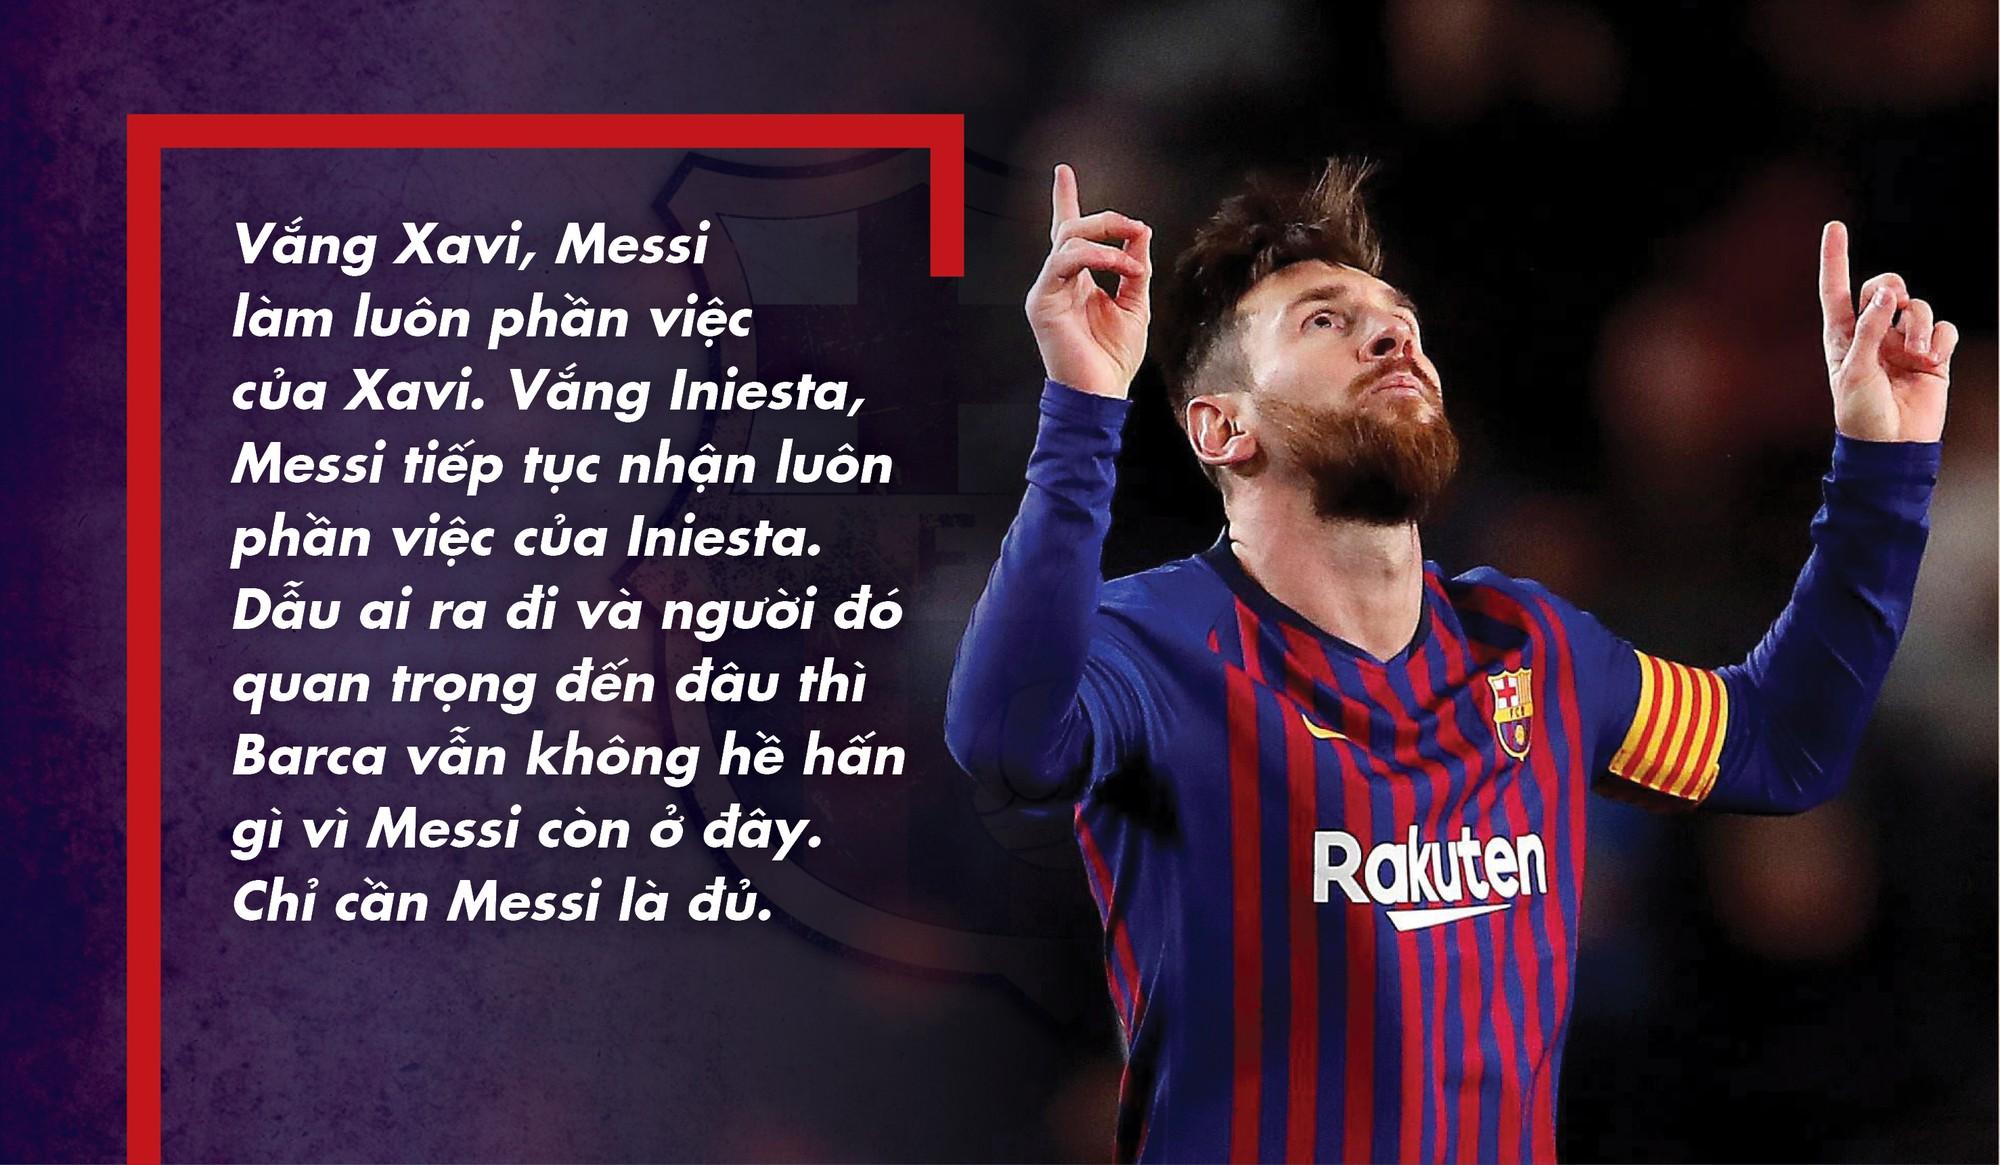 Barca & chiếc đầu kéo vĩnh cửu Messi - Ảnh 11.